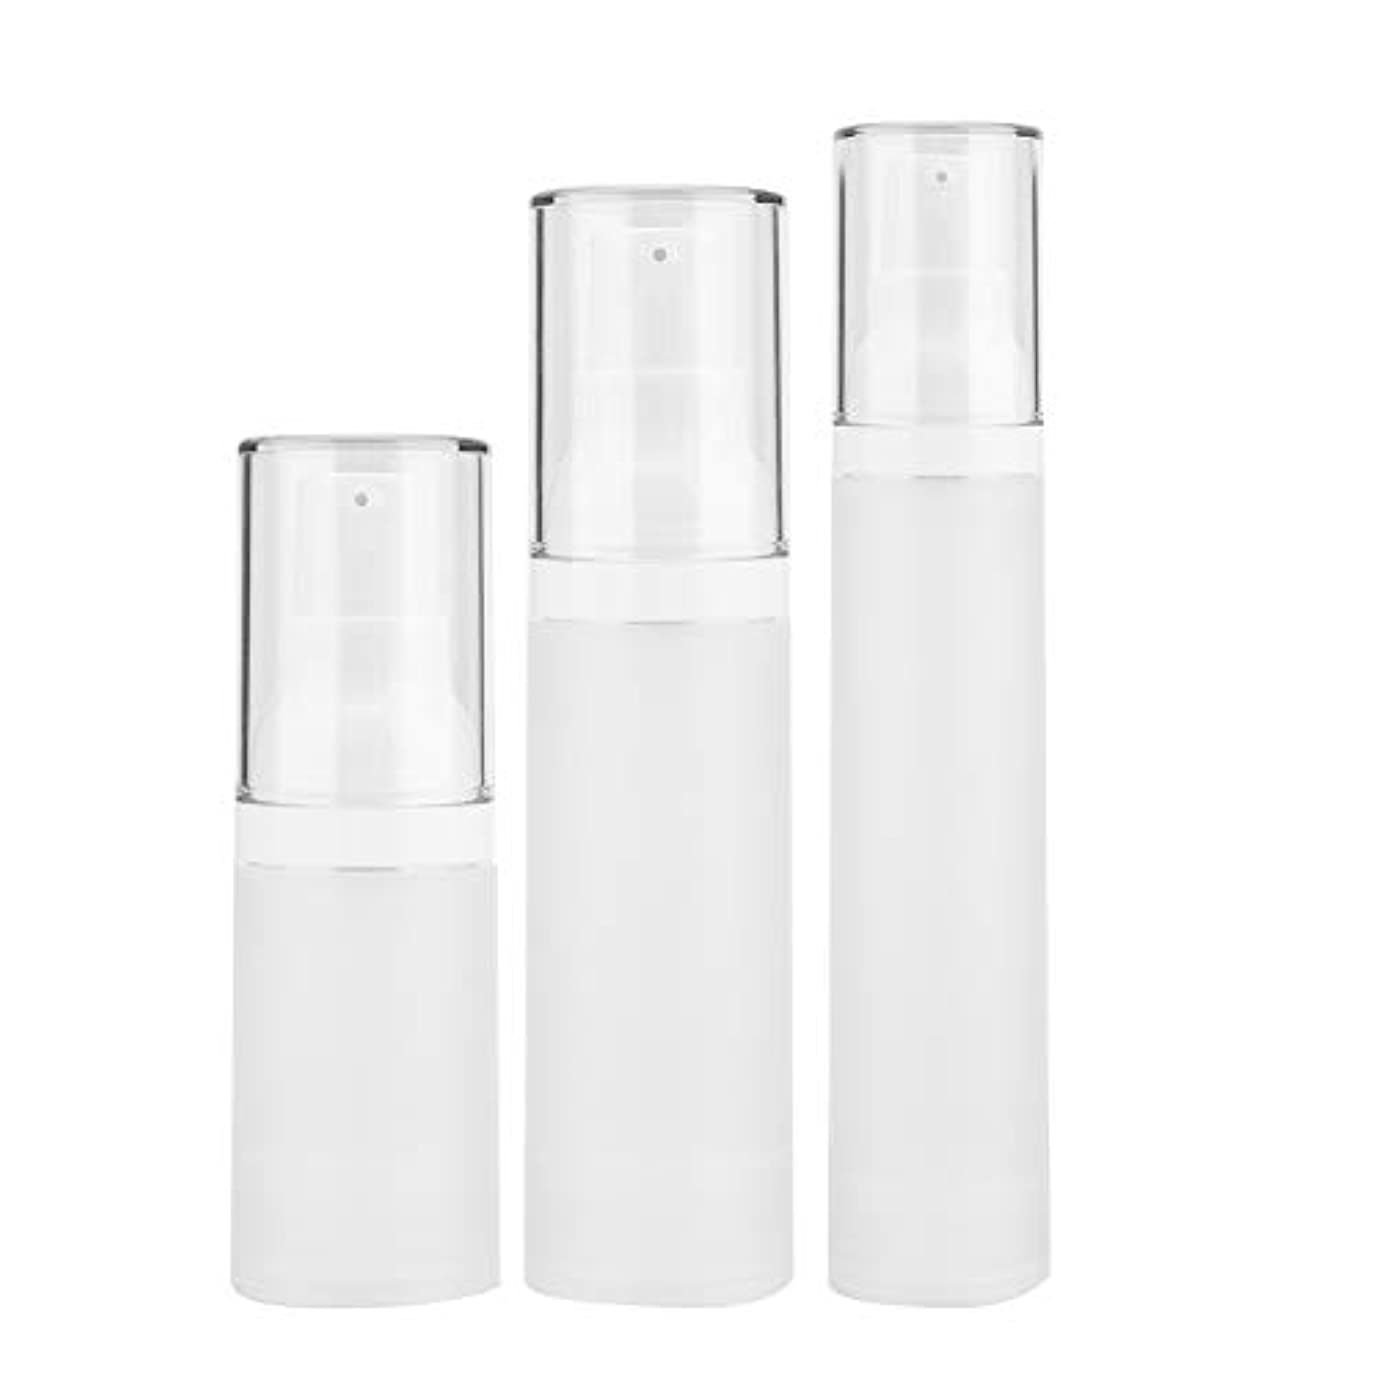 滑るセンチメンタルただやる3本入りトラベルボトルセット - 化粧品旅行用容器、化粧品容器が空の化粧品容器付きペットボトル - シャンプーとスプレー用(3 pcs)